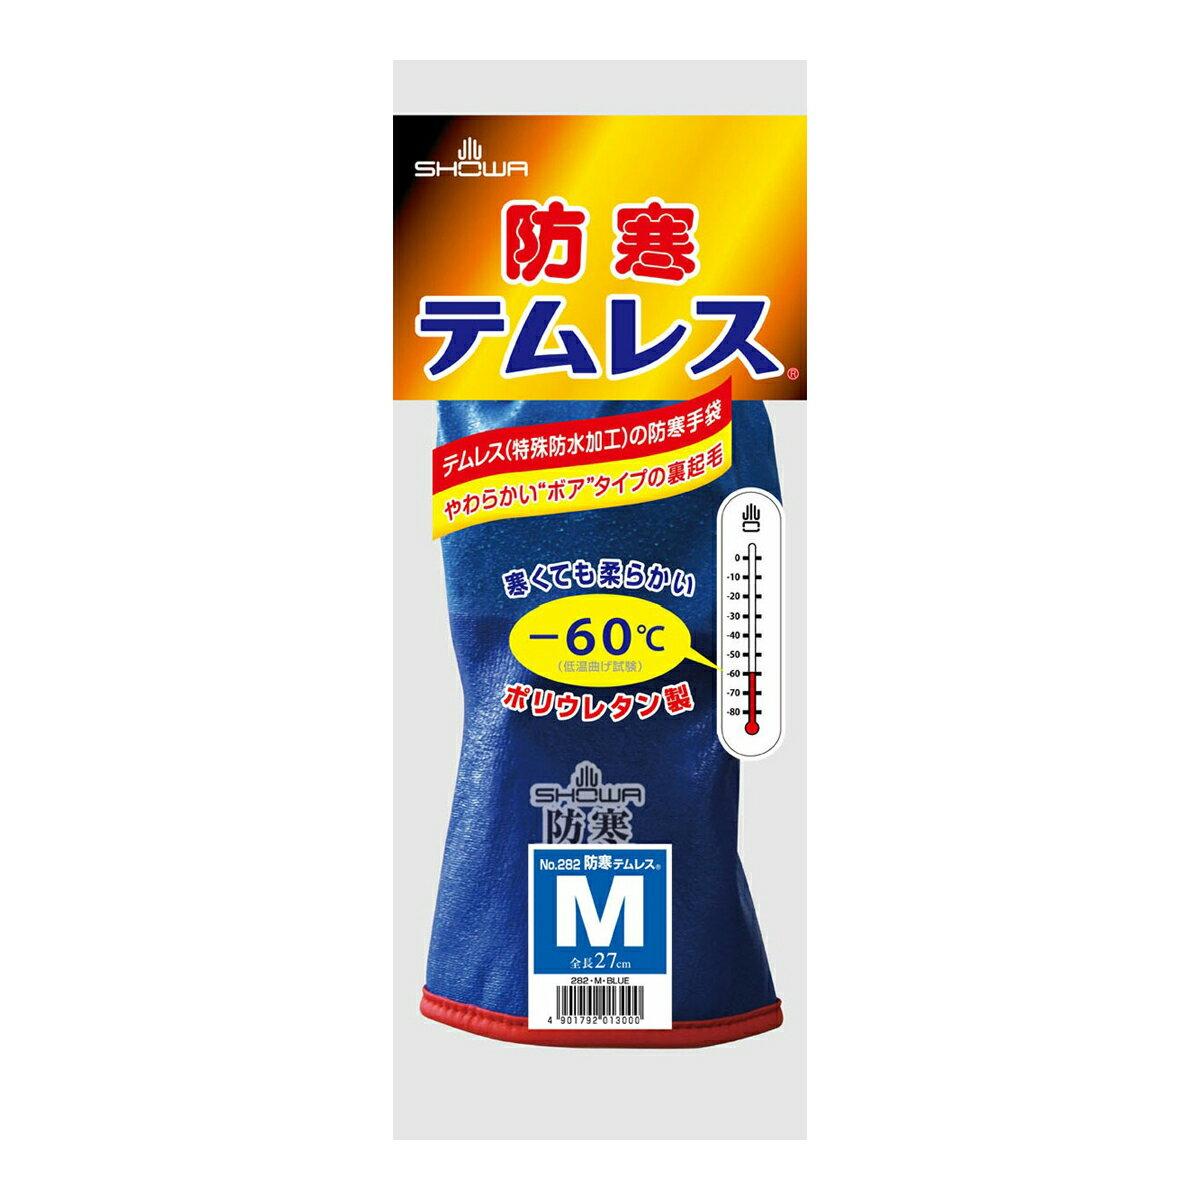 【送料無料】 ショーワ SHOWA #282 防寒テムレス M×60個セット (4901792013000)